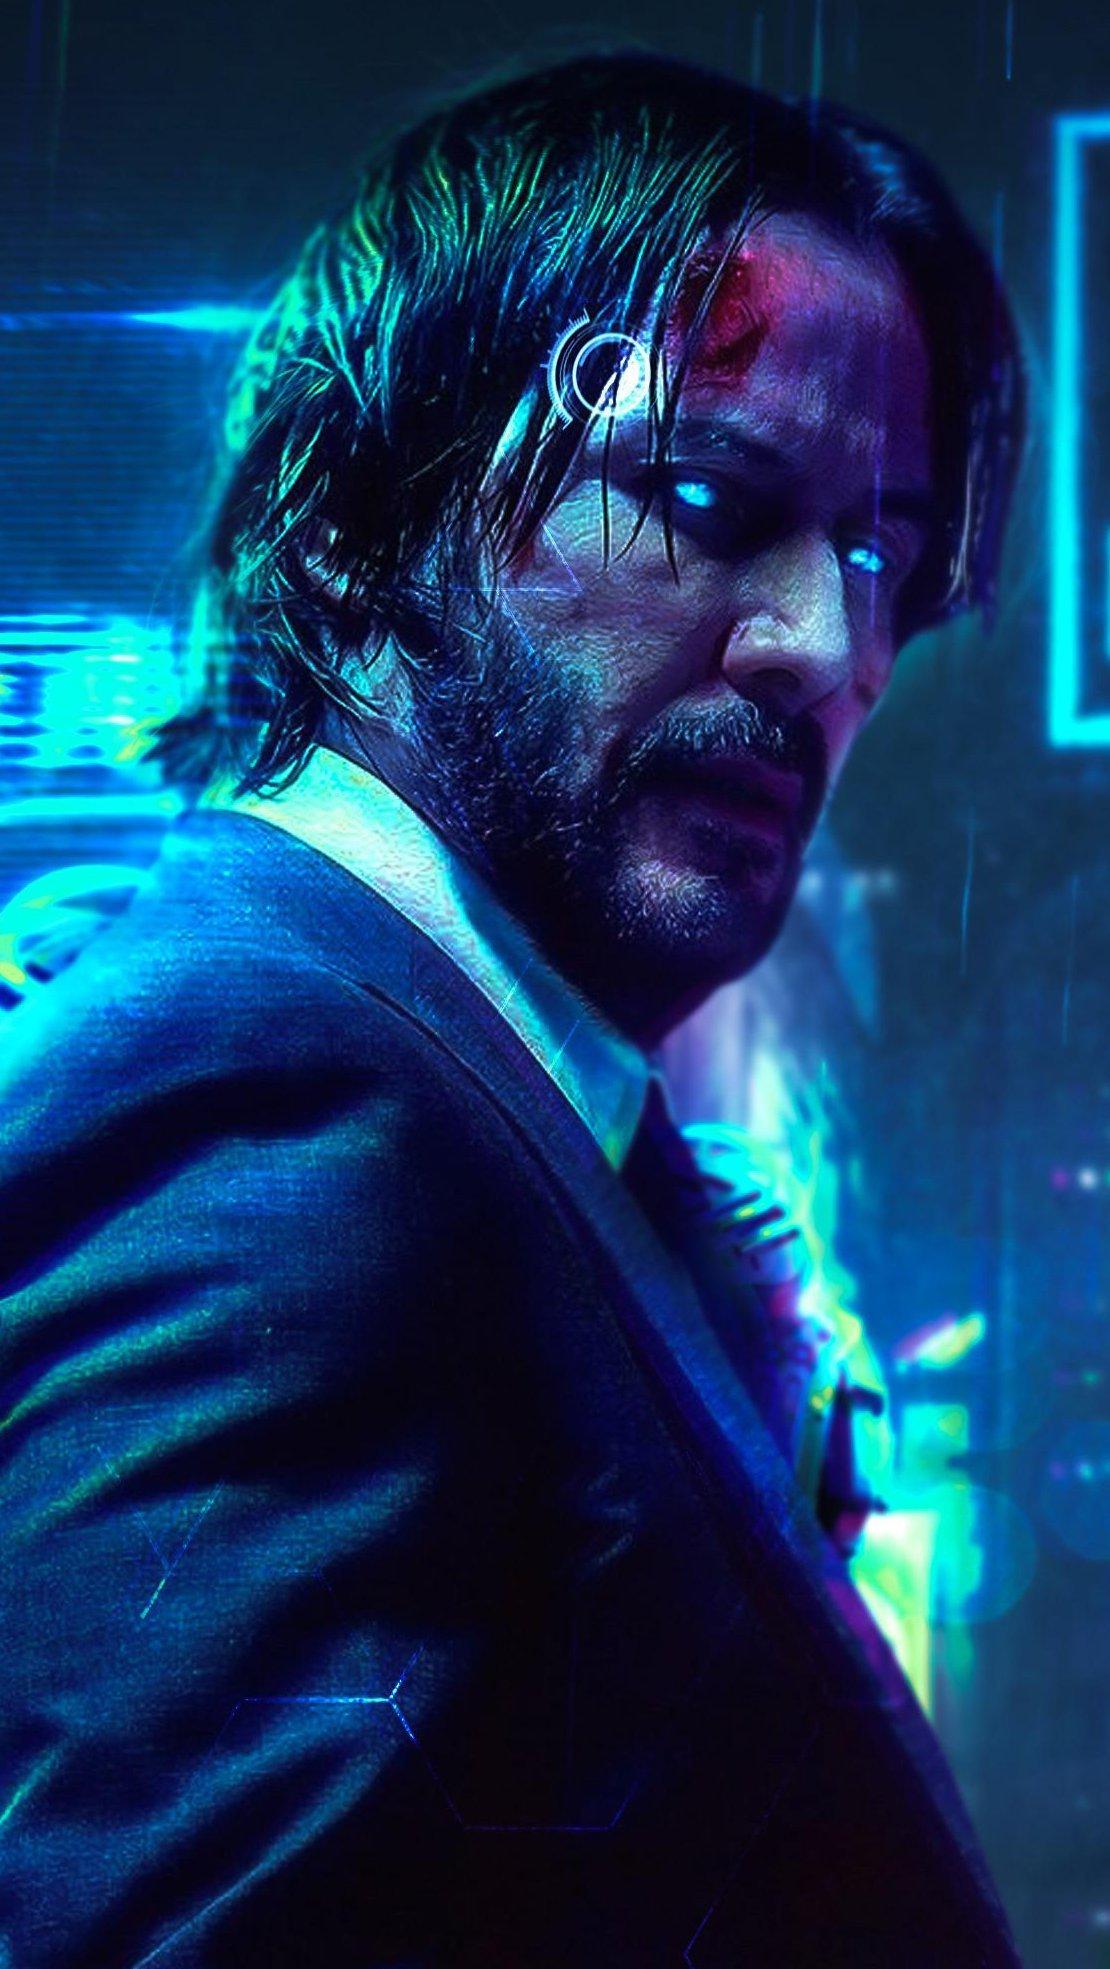 Wallpaper Cyberpunk John Wick Keanu Reeves FanArt Vertical